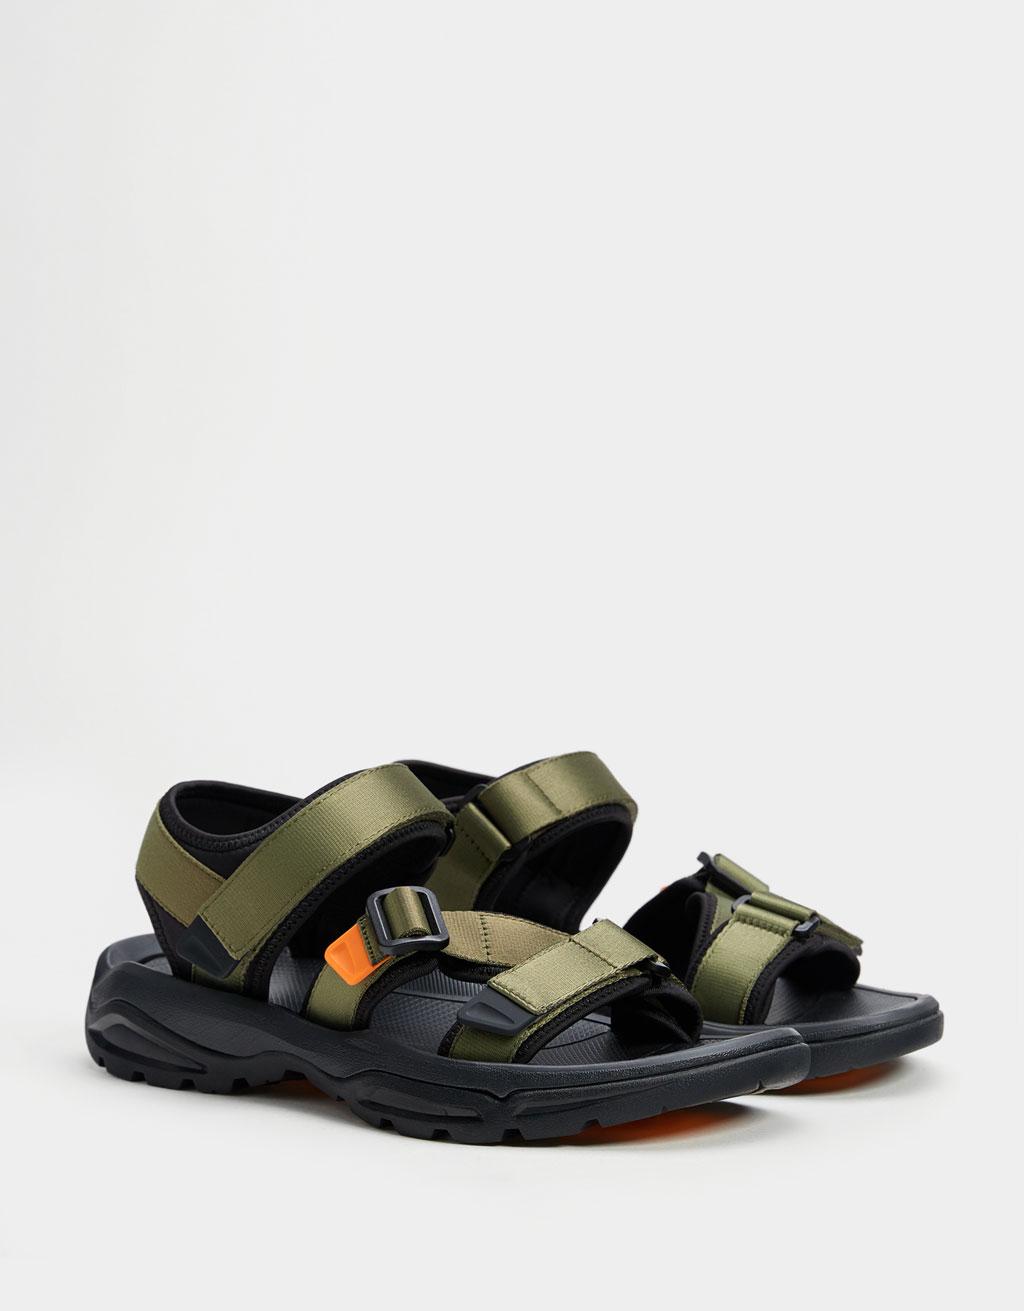 Sandales techniques bimatière homme